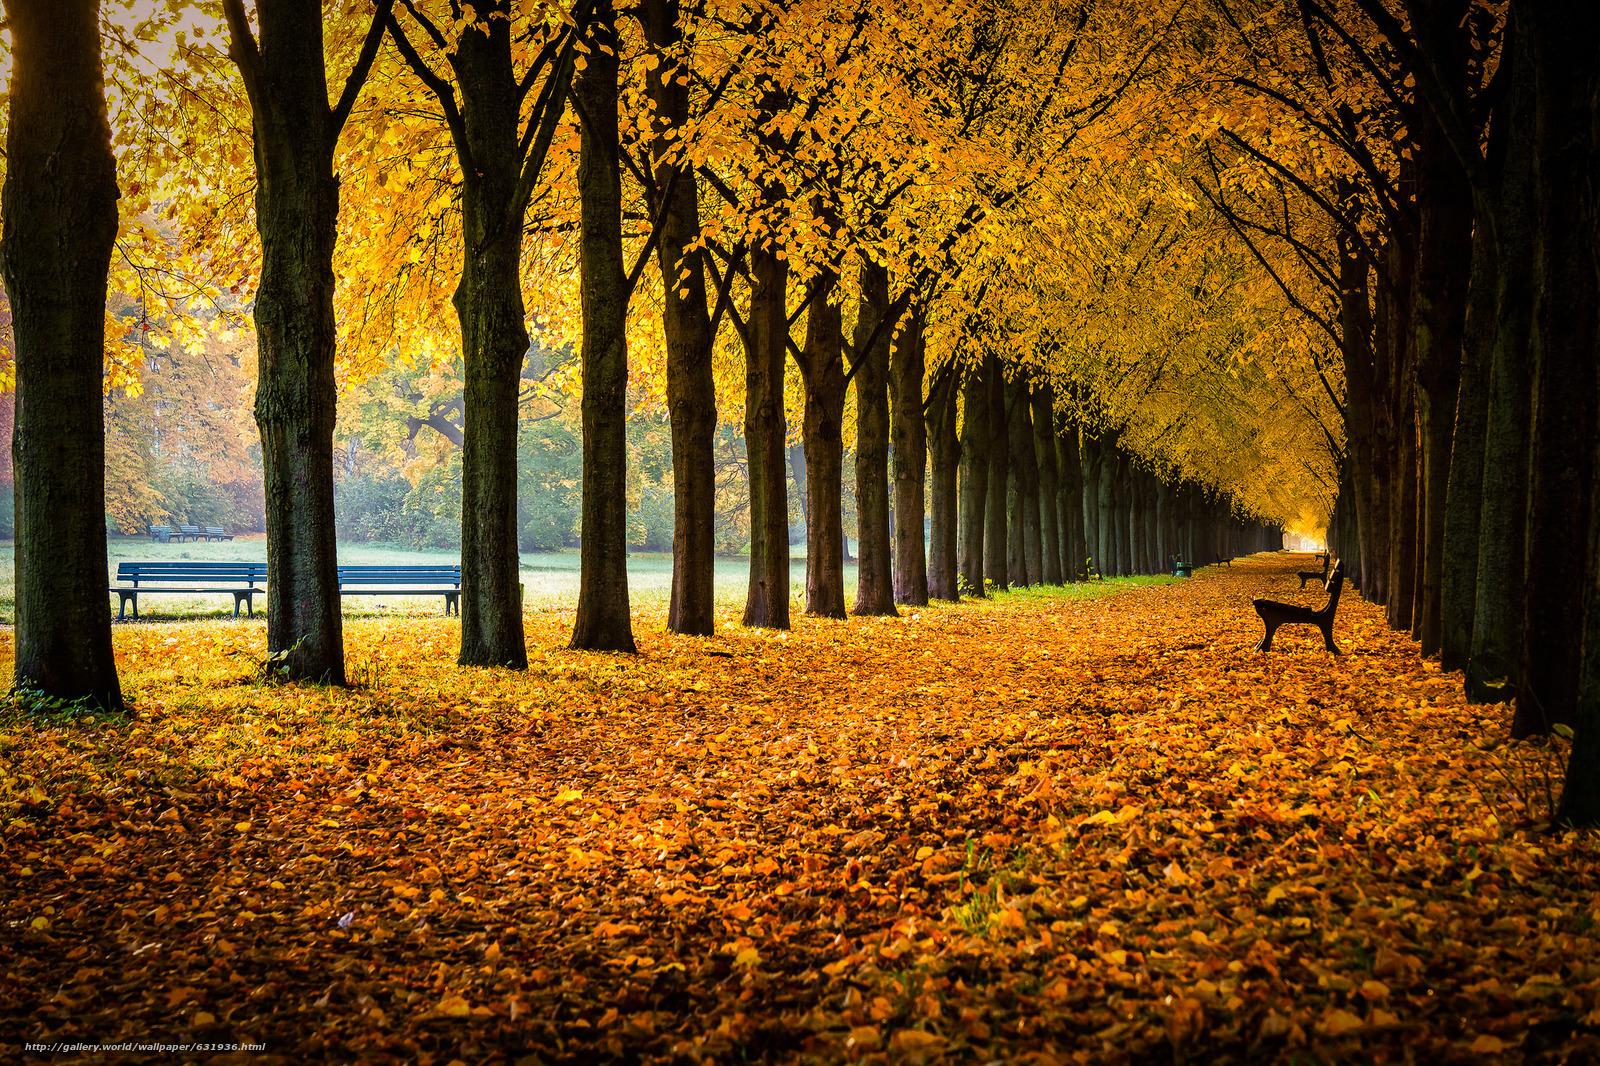 Скачать обои Georgengarten,  Herrenhausen Gardens,  Hanover,  Lower Saxony бесплатно для рабочего стола в разрешении 2048x1365 — картинка №631936